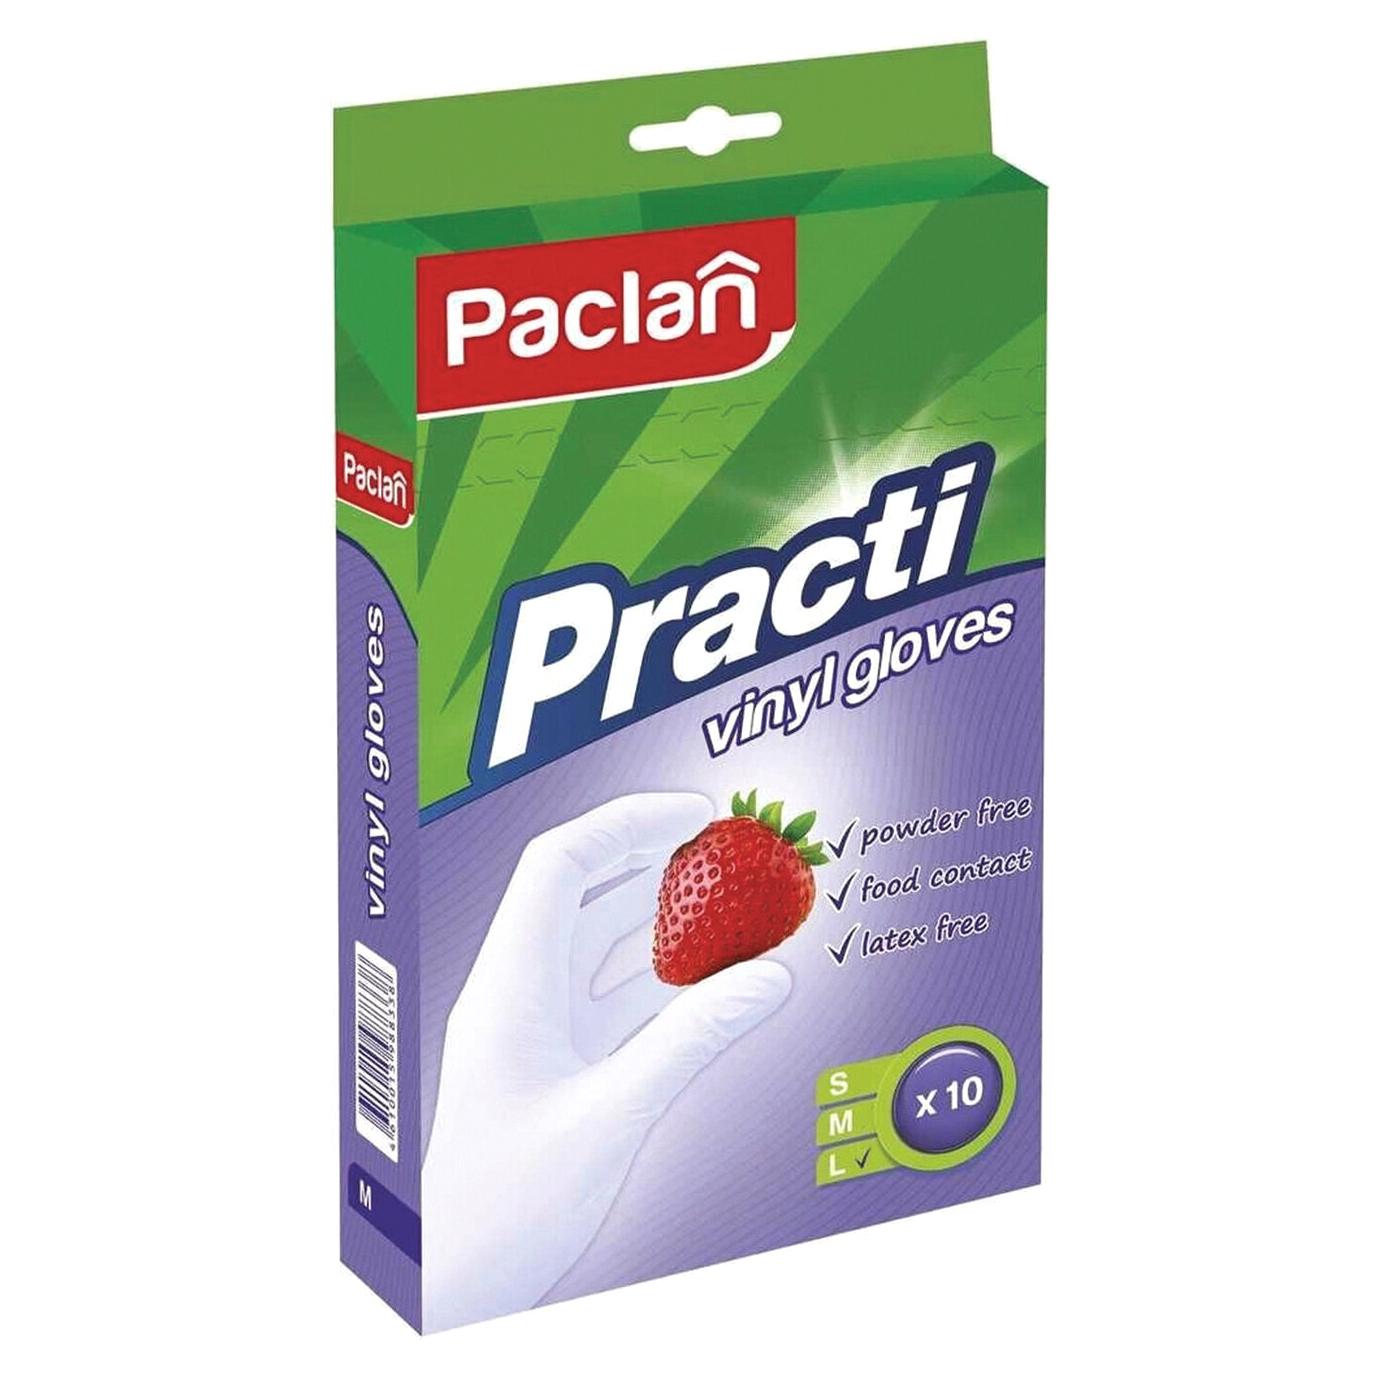 Фото - Перчатки Paclan Practi виниловые L 10 шт перчатки хозяйственные paclan виниловые размер l 10 шт